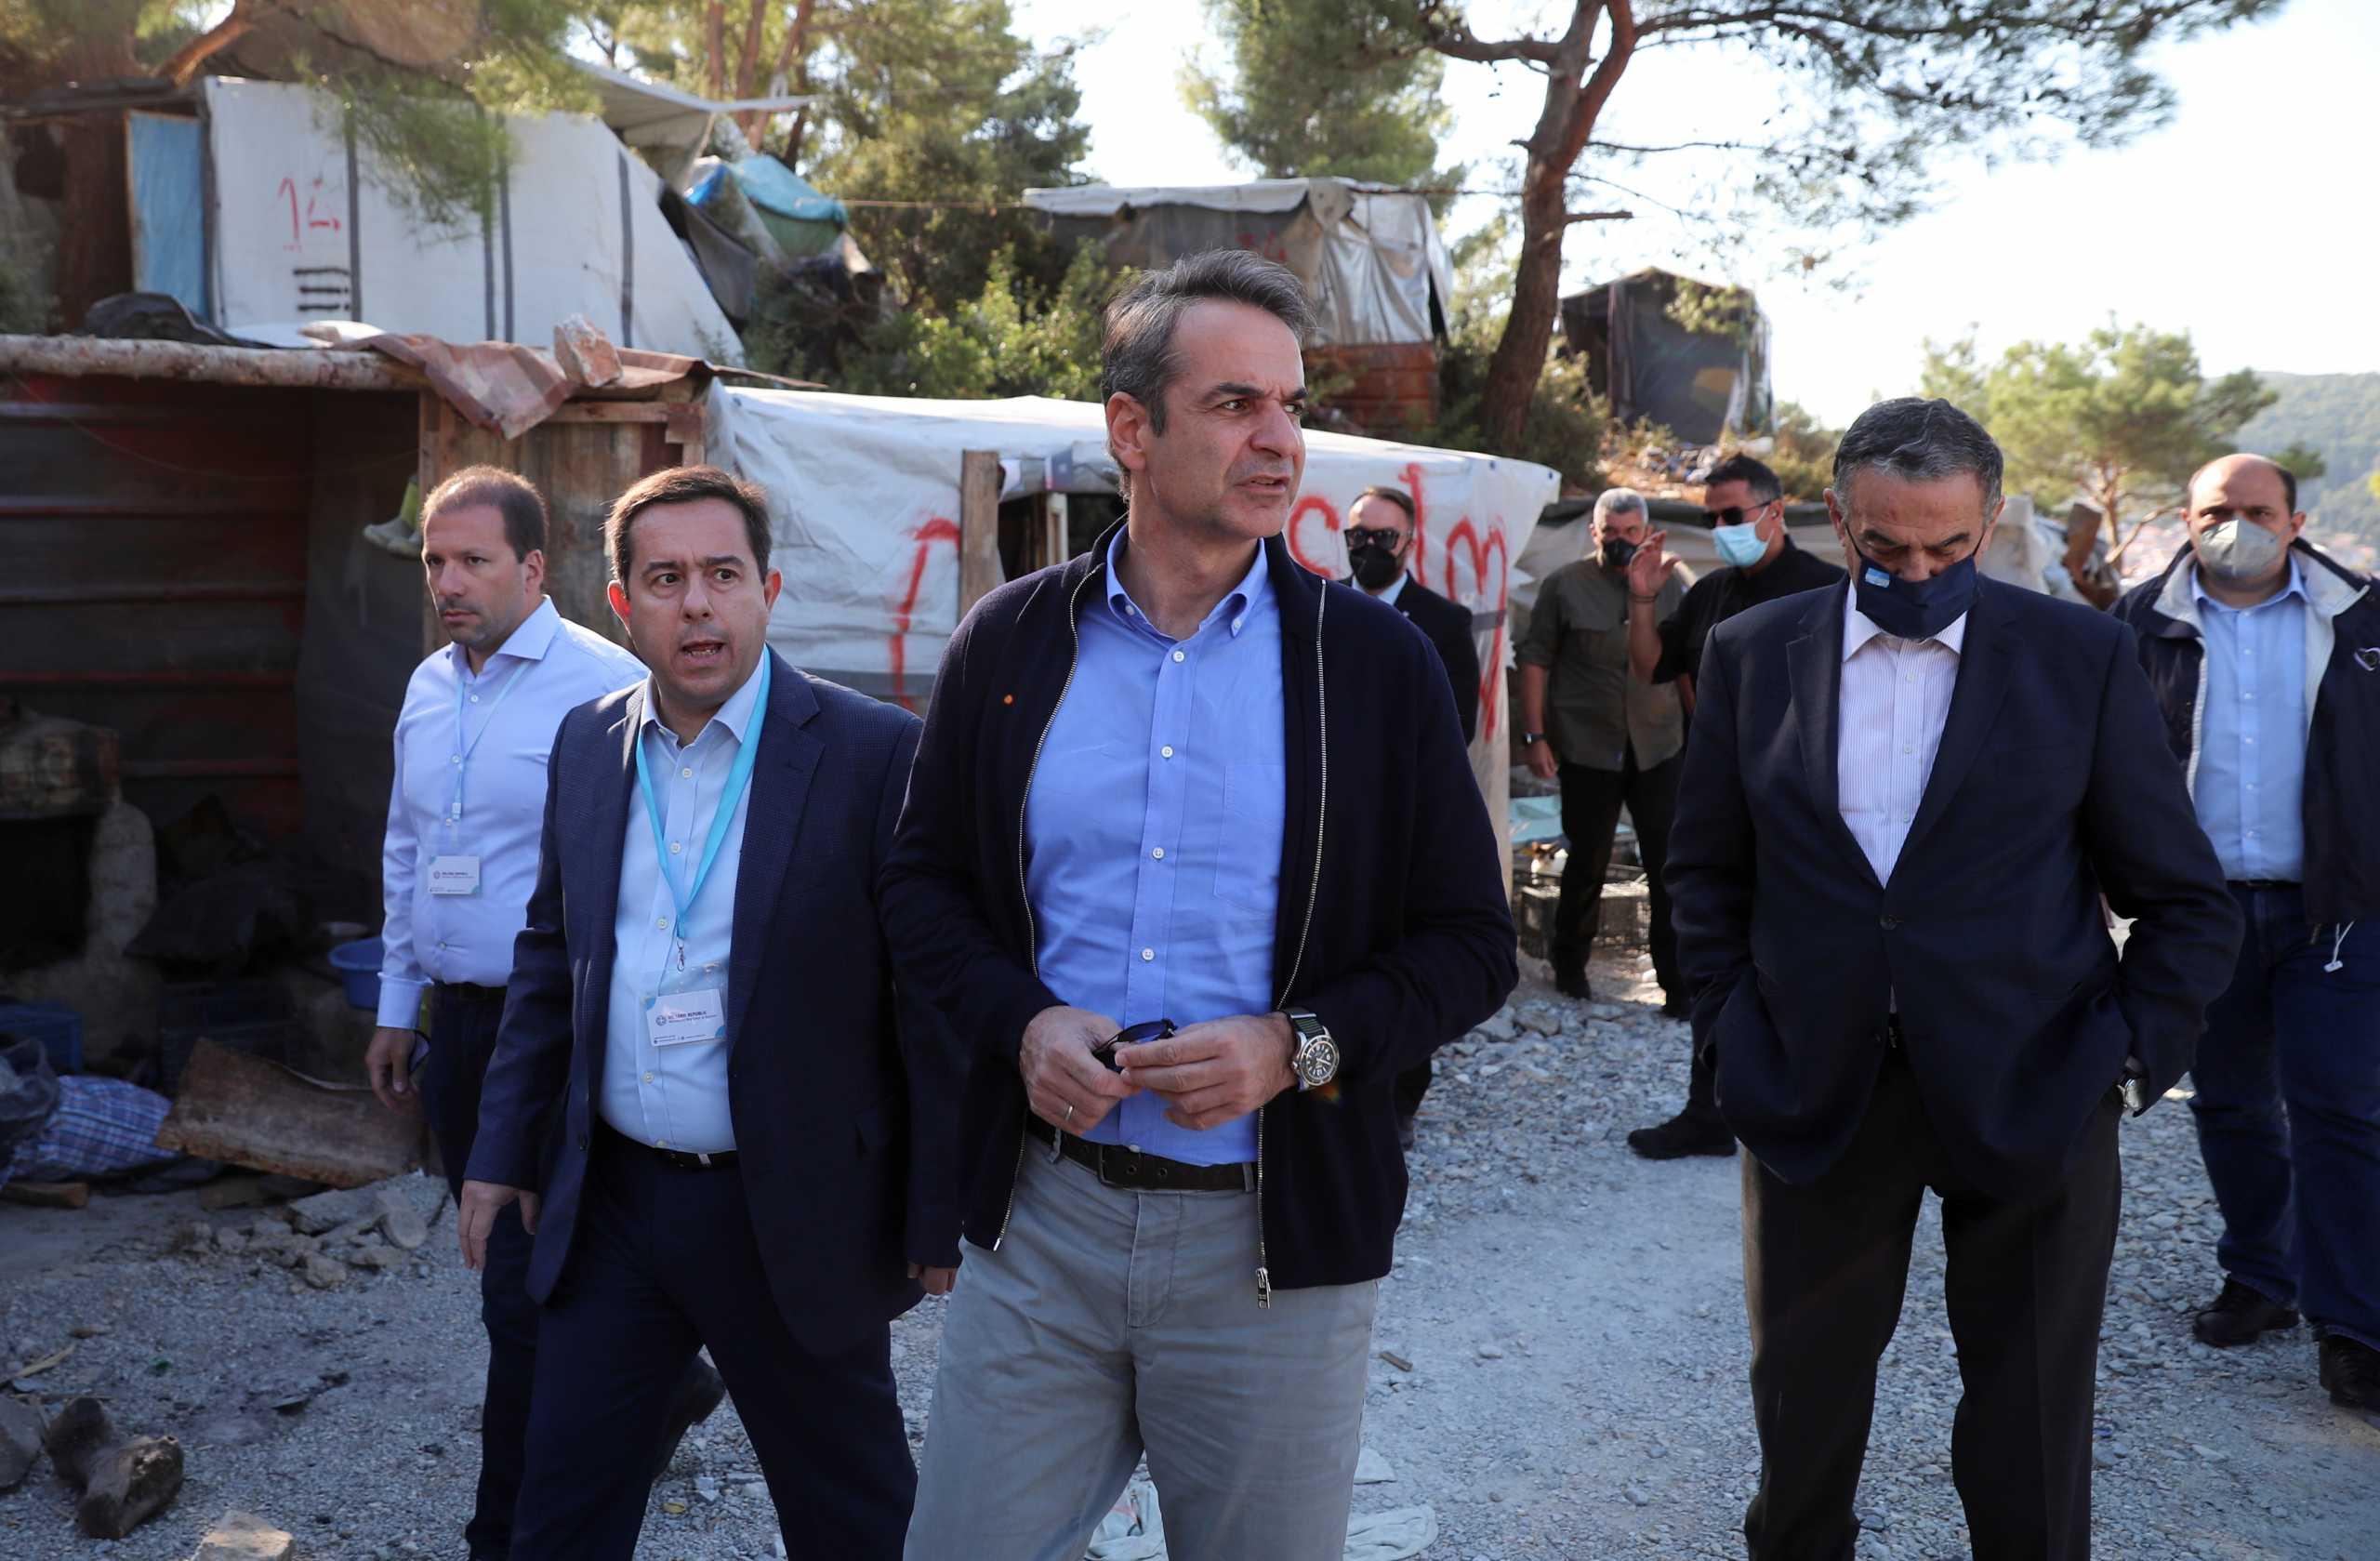 Κυριάκος Μητσοτάκης για προσφυγικό:Η αλληλεγγύη της ΕΕ να μην εξαντλείται σε χρηματοδοτήσεις